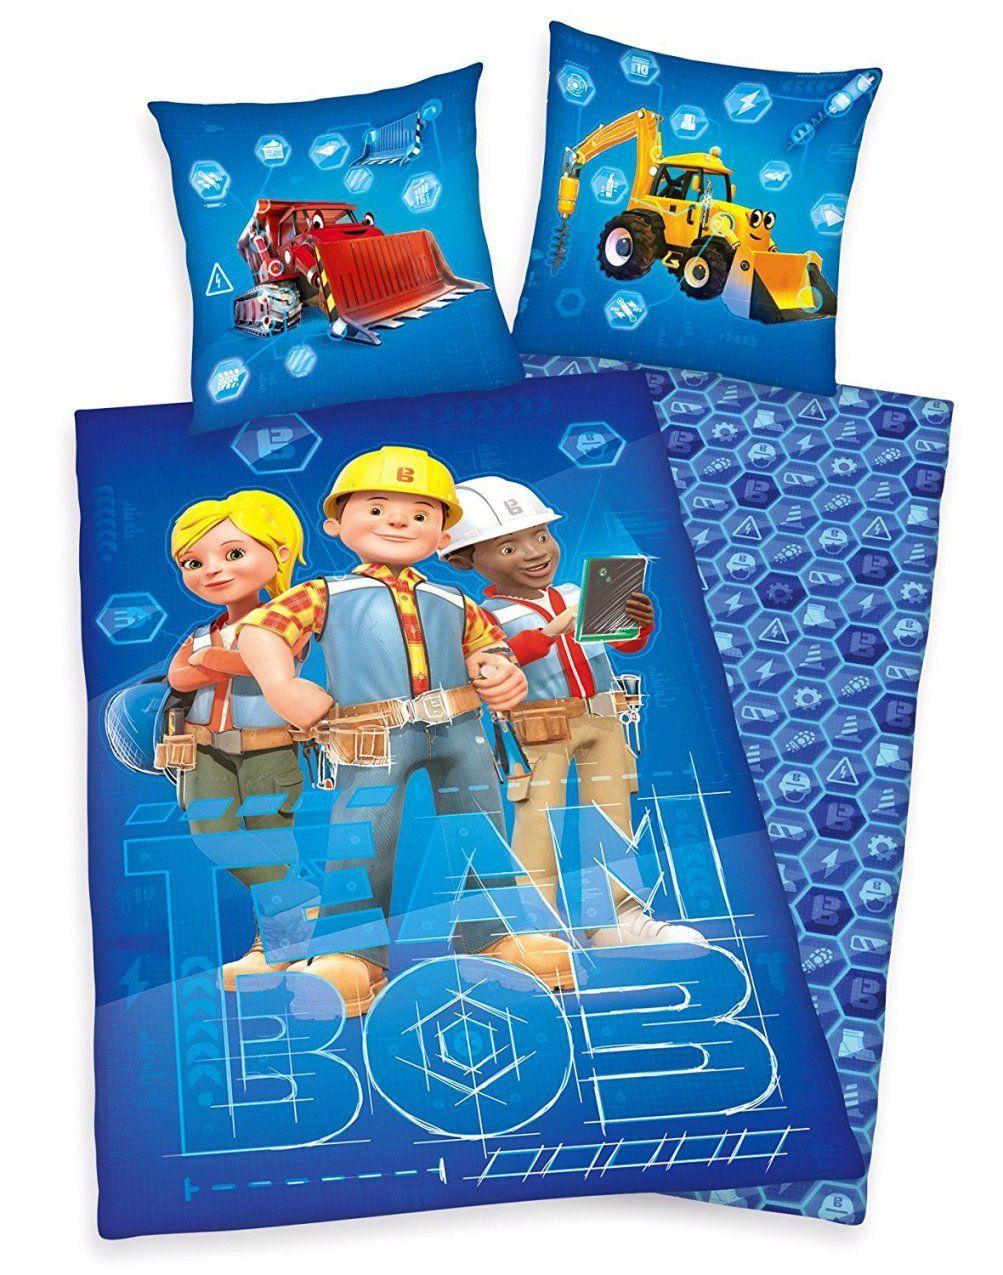 Bob Der Baumeister Bettwäsche 80X80Cm 135X200Cm 100% Baumwolle von Bob Der Baumeister Bettwäsche Bild